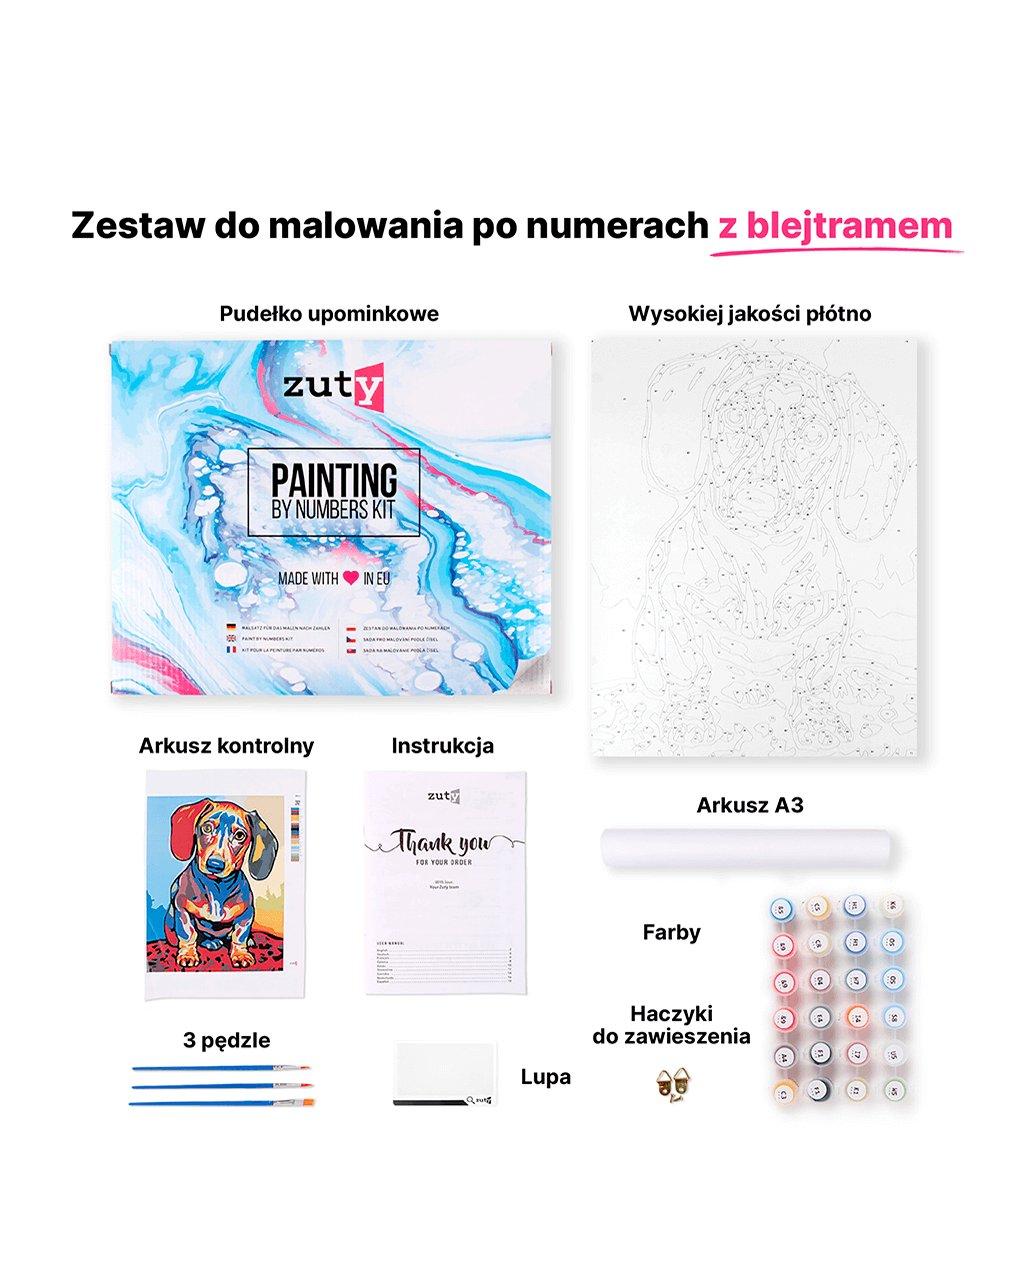 Malowanie po numerach – Wyścig dżokejów na koniach